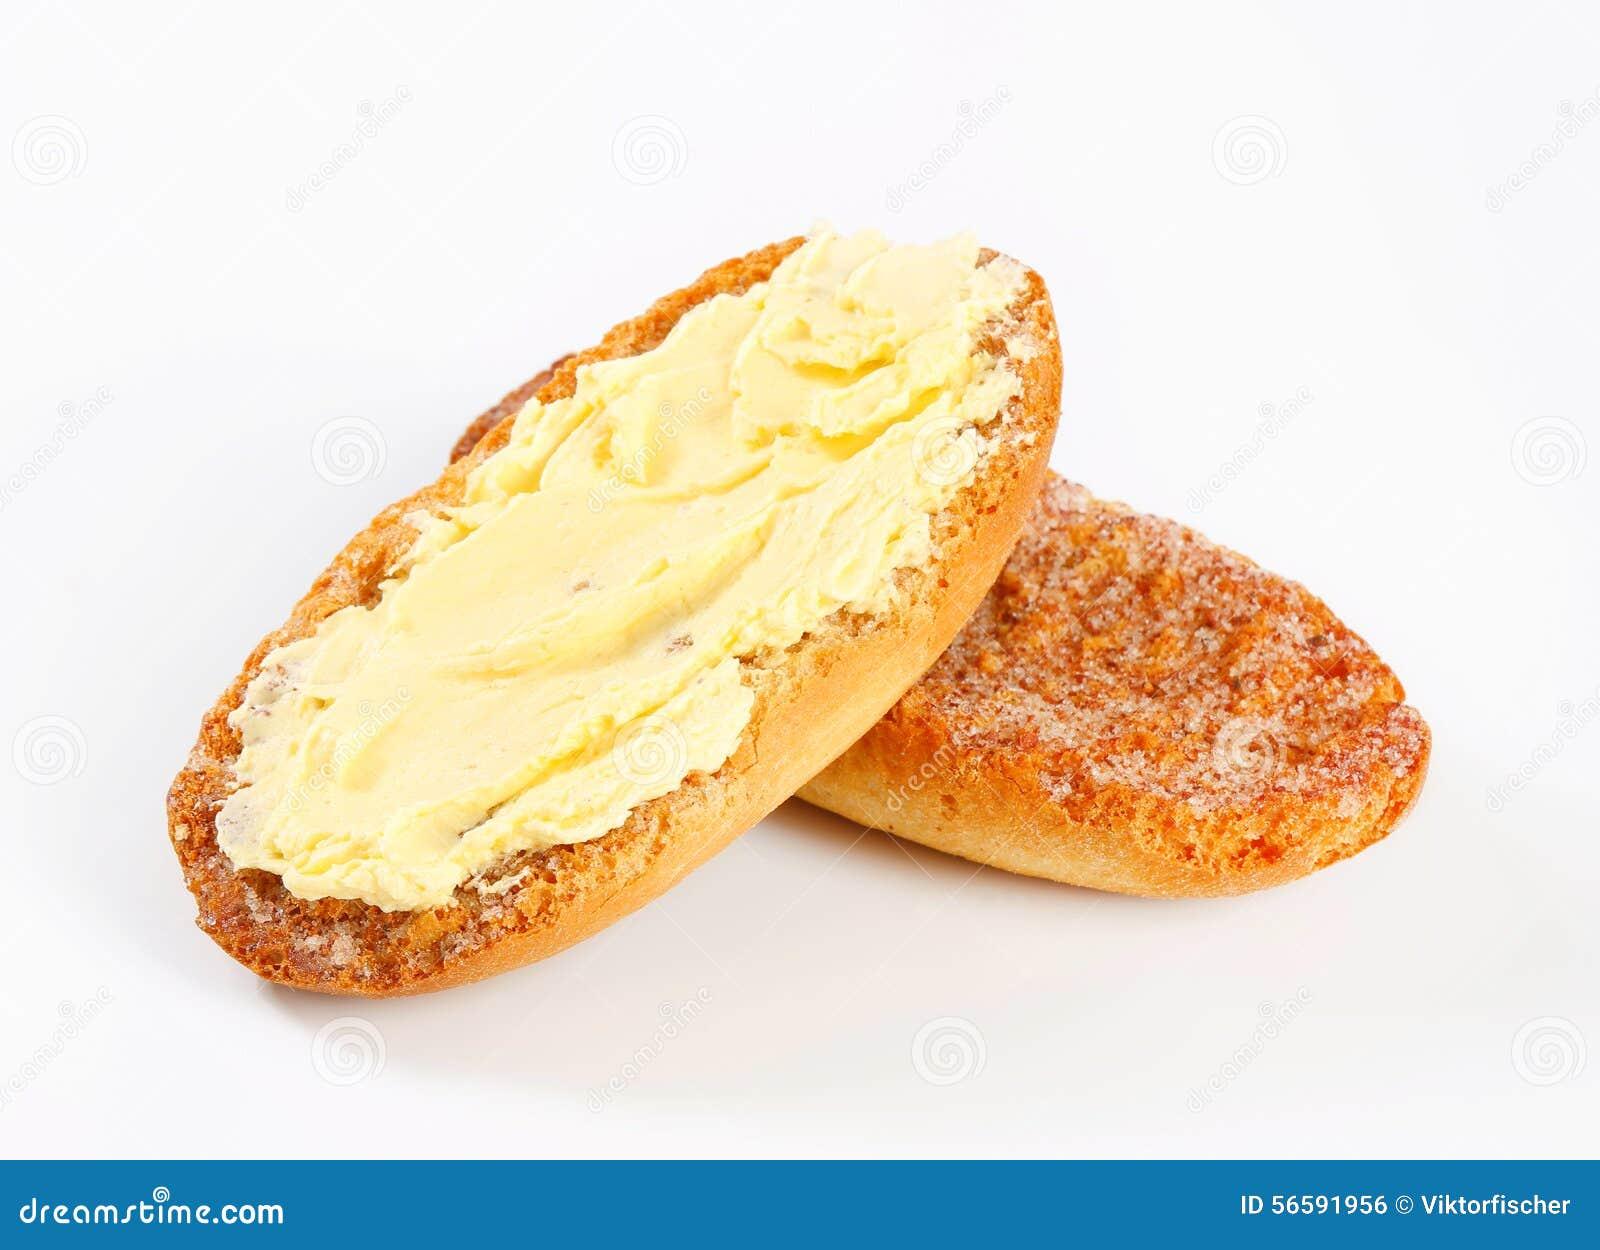 smör och bröd